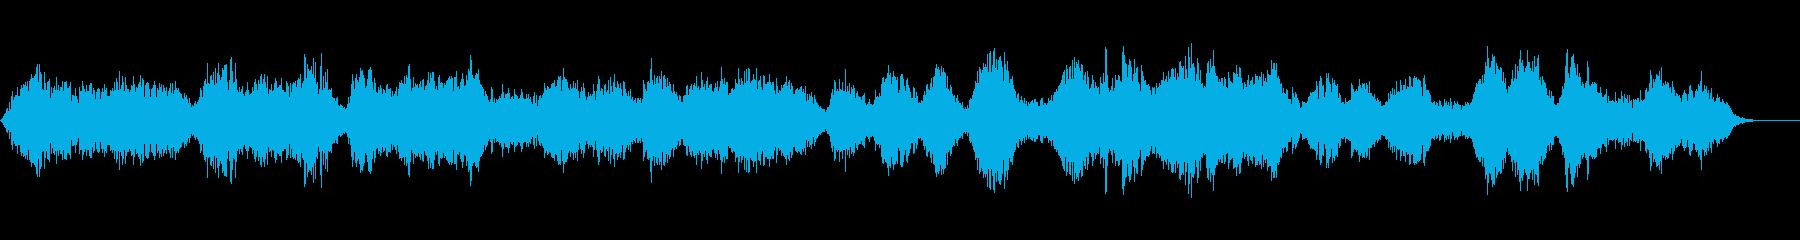 幻想的な世界に包まれるヒーリングBGMの再生済みの波形